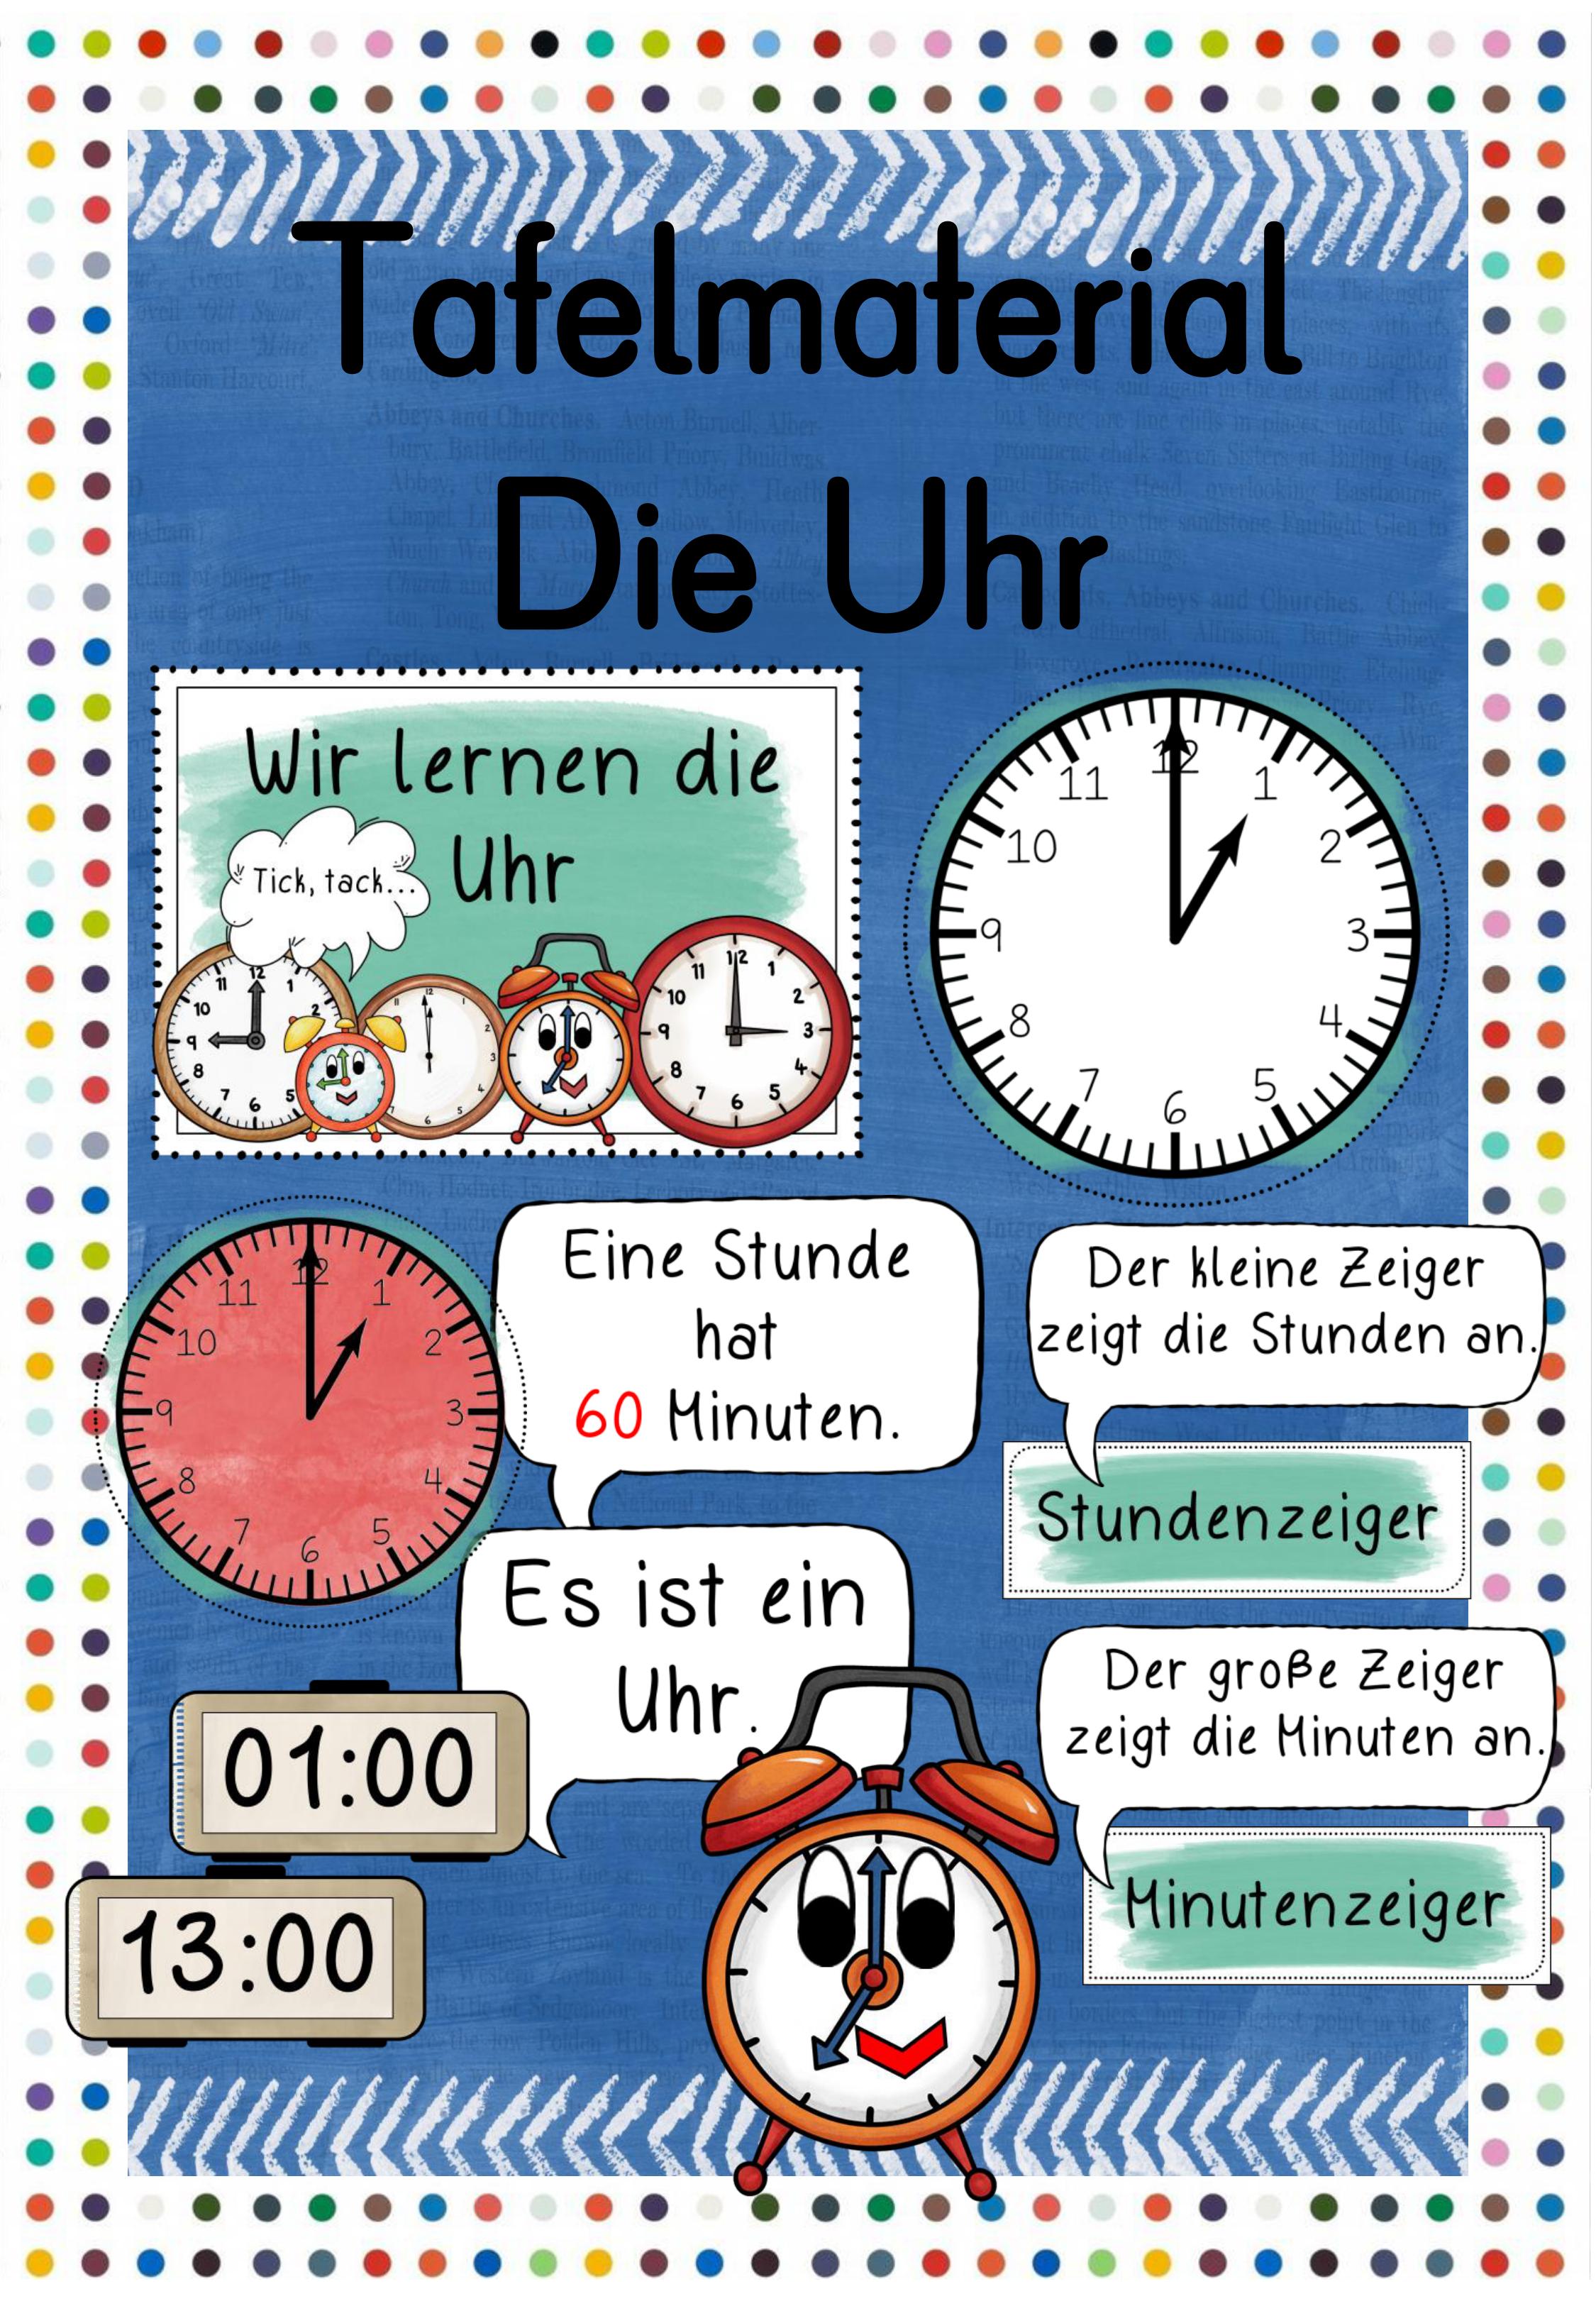 Tafelmaterial Die Uhr – Unterrichtsmaterial im Fach Sachunterricht ...